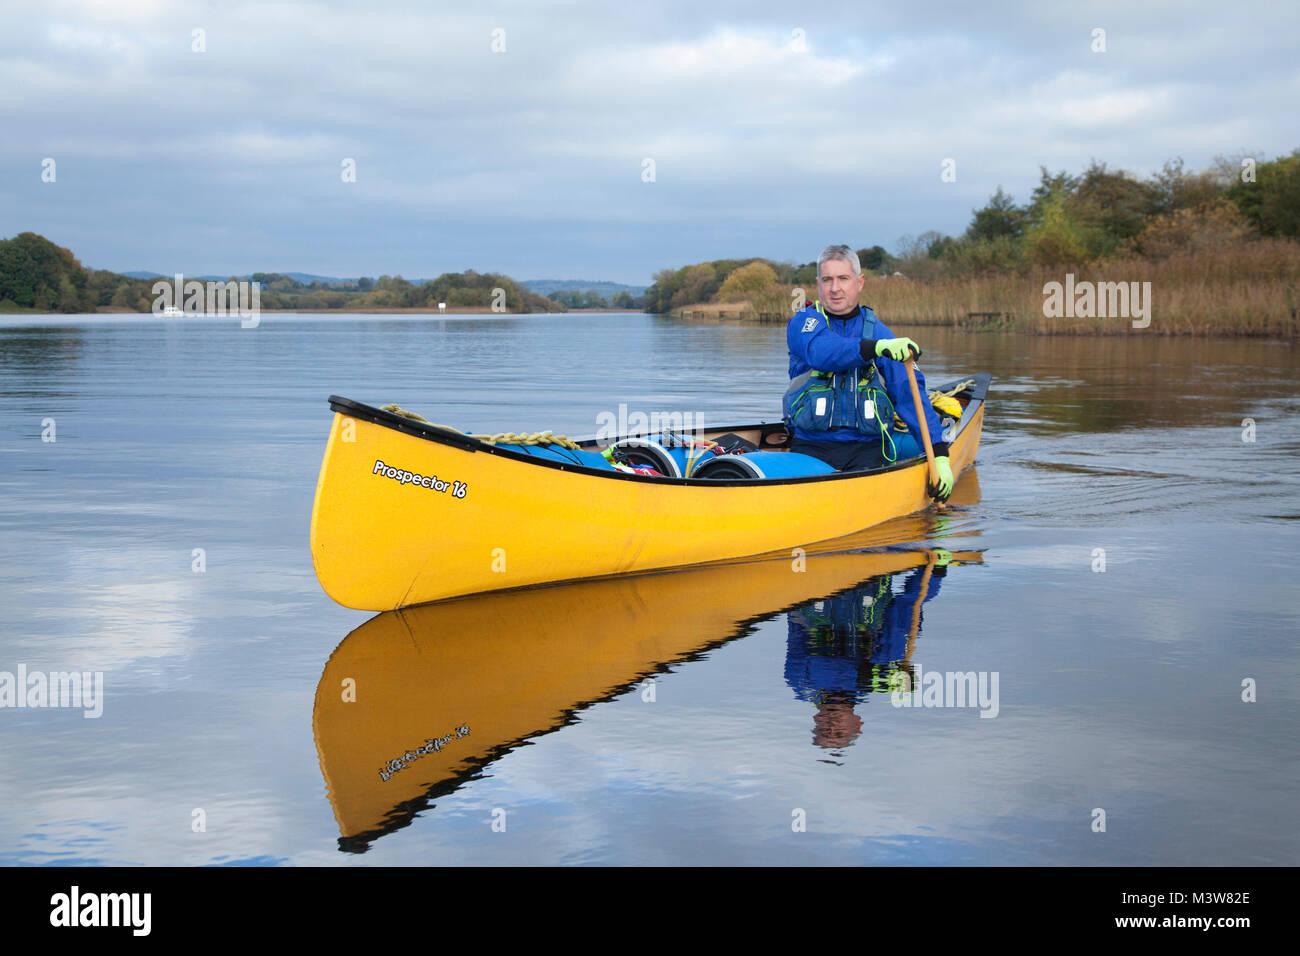 Canotaje cerca Bellanaleck, Upper Lough Erne, en el Condado de Fermanagh, Irlanda del Norte. Imagen De Stock